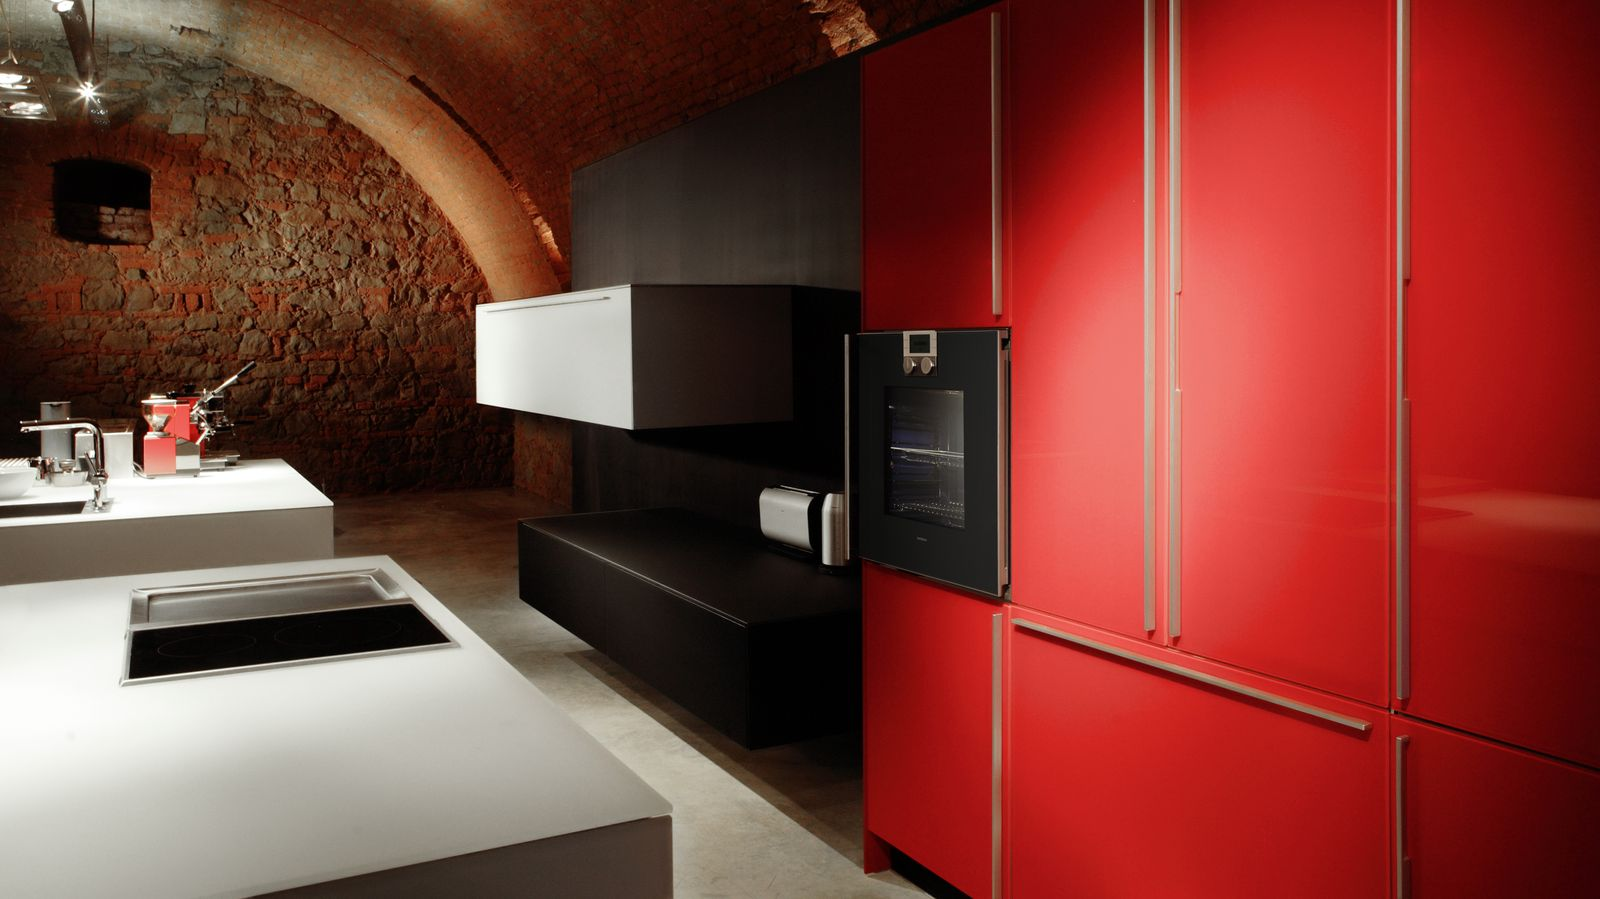 plan 3 küche / Valcucine / Küchenausstellung plan 3 küche